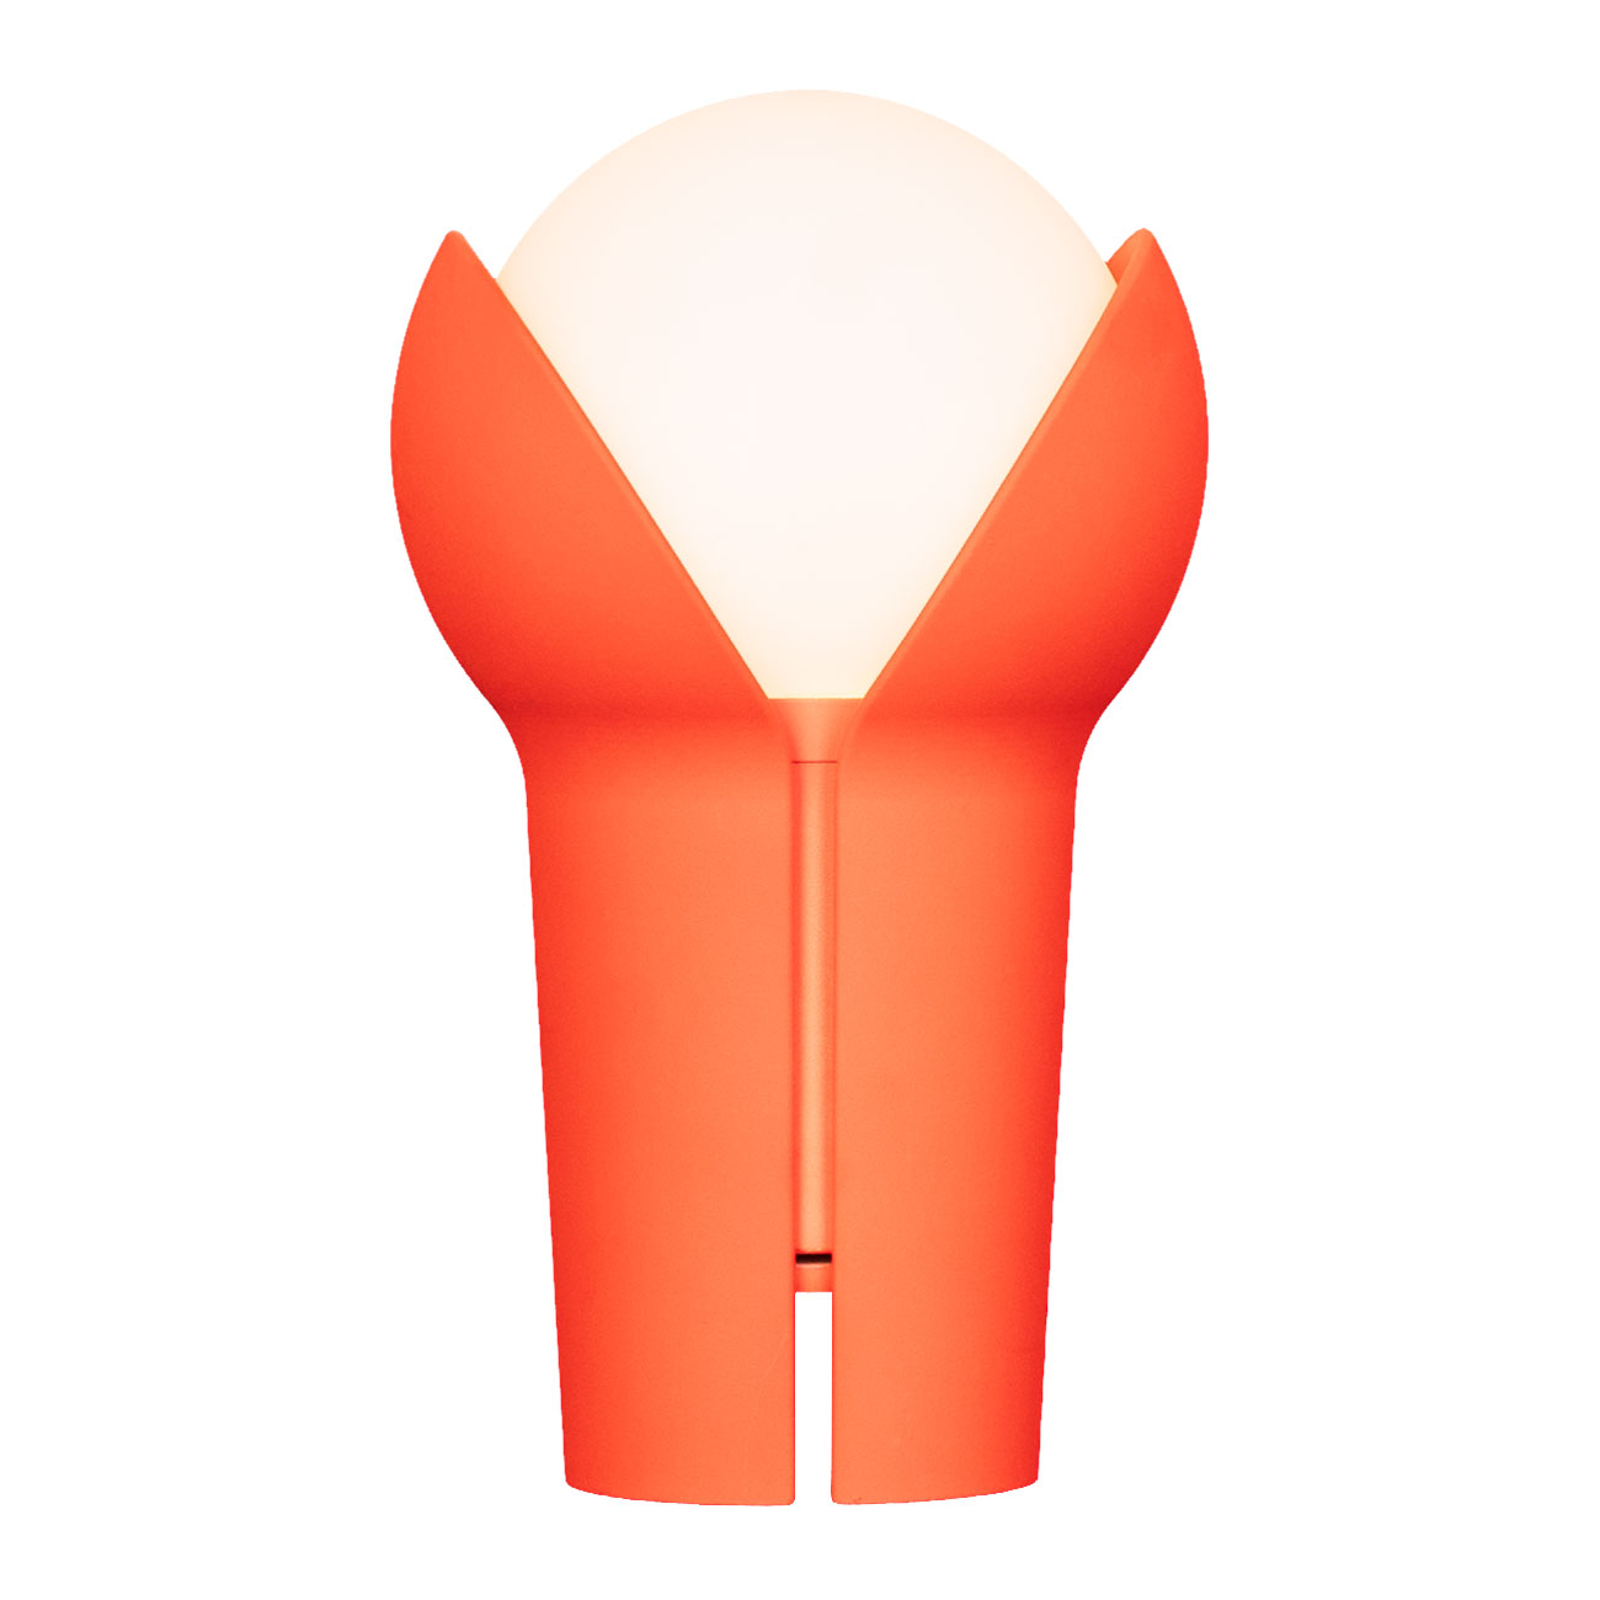 Innermost Bud LED tafellamp, draagbaar, Fluro